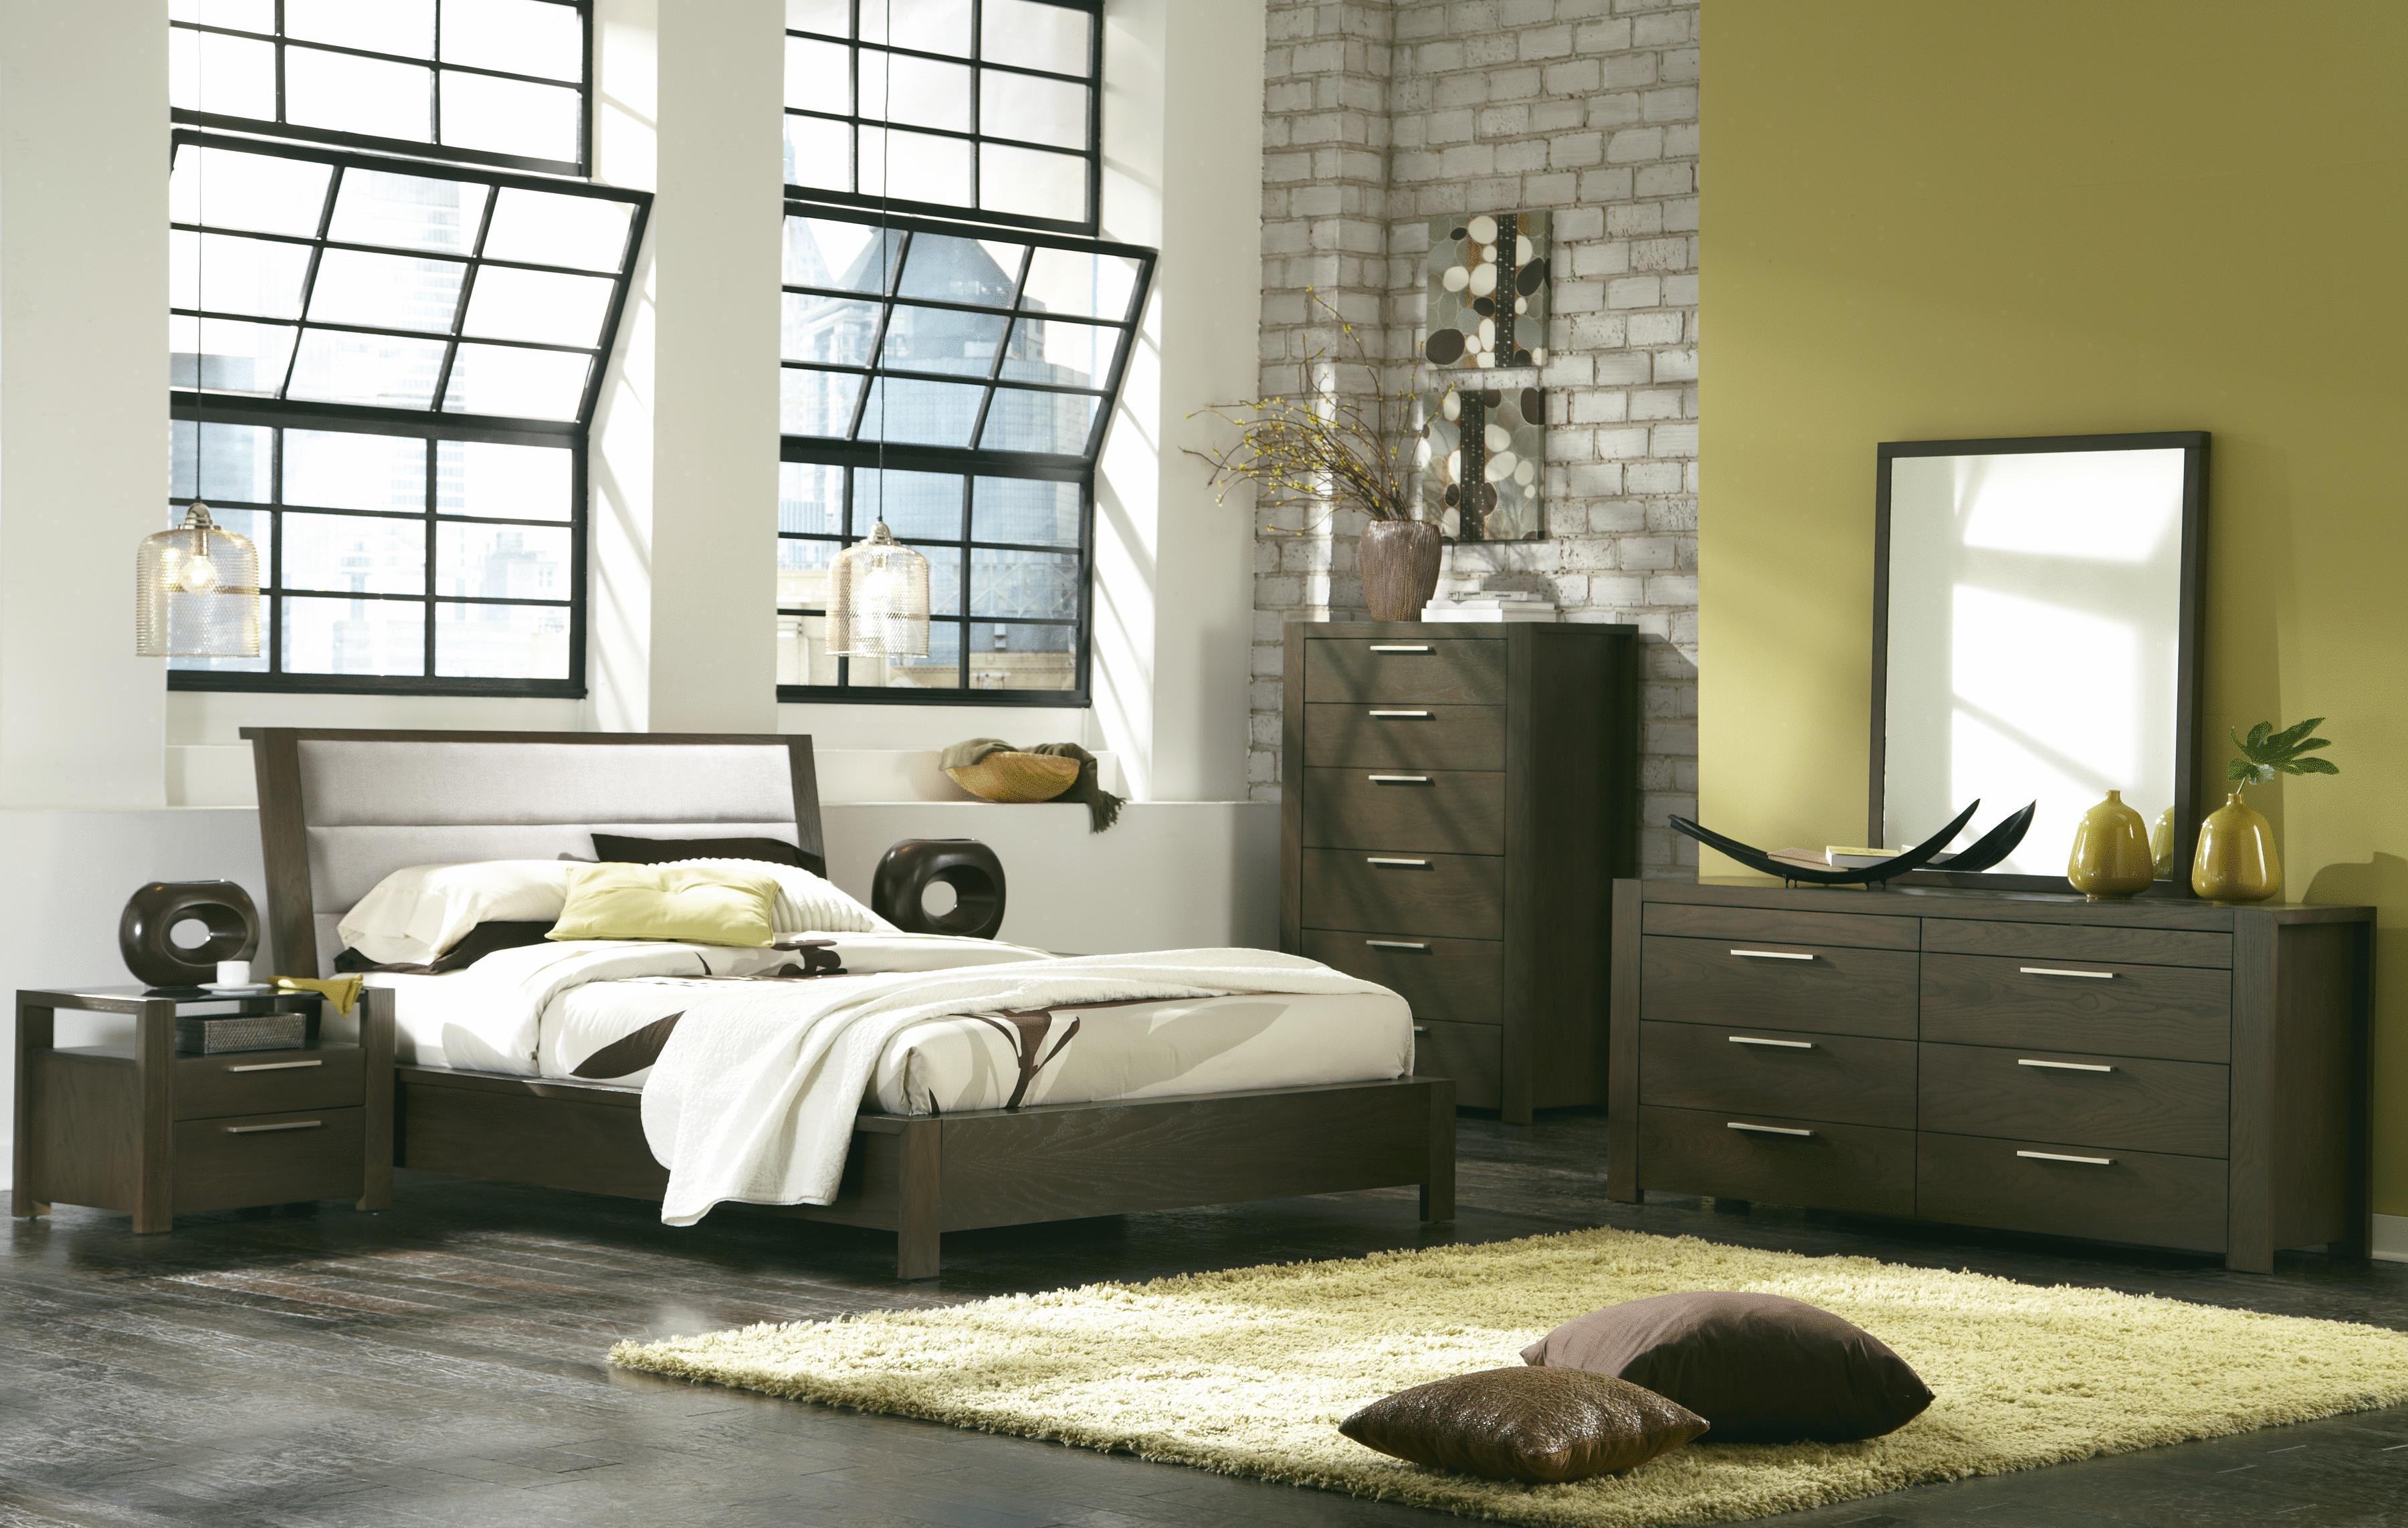 6 Pce Queen Bedroom